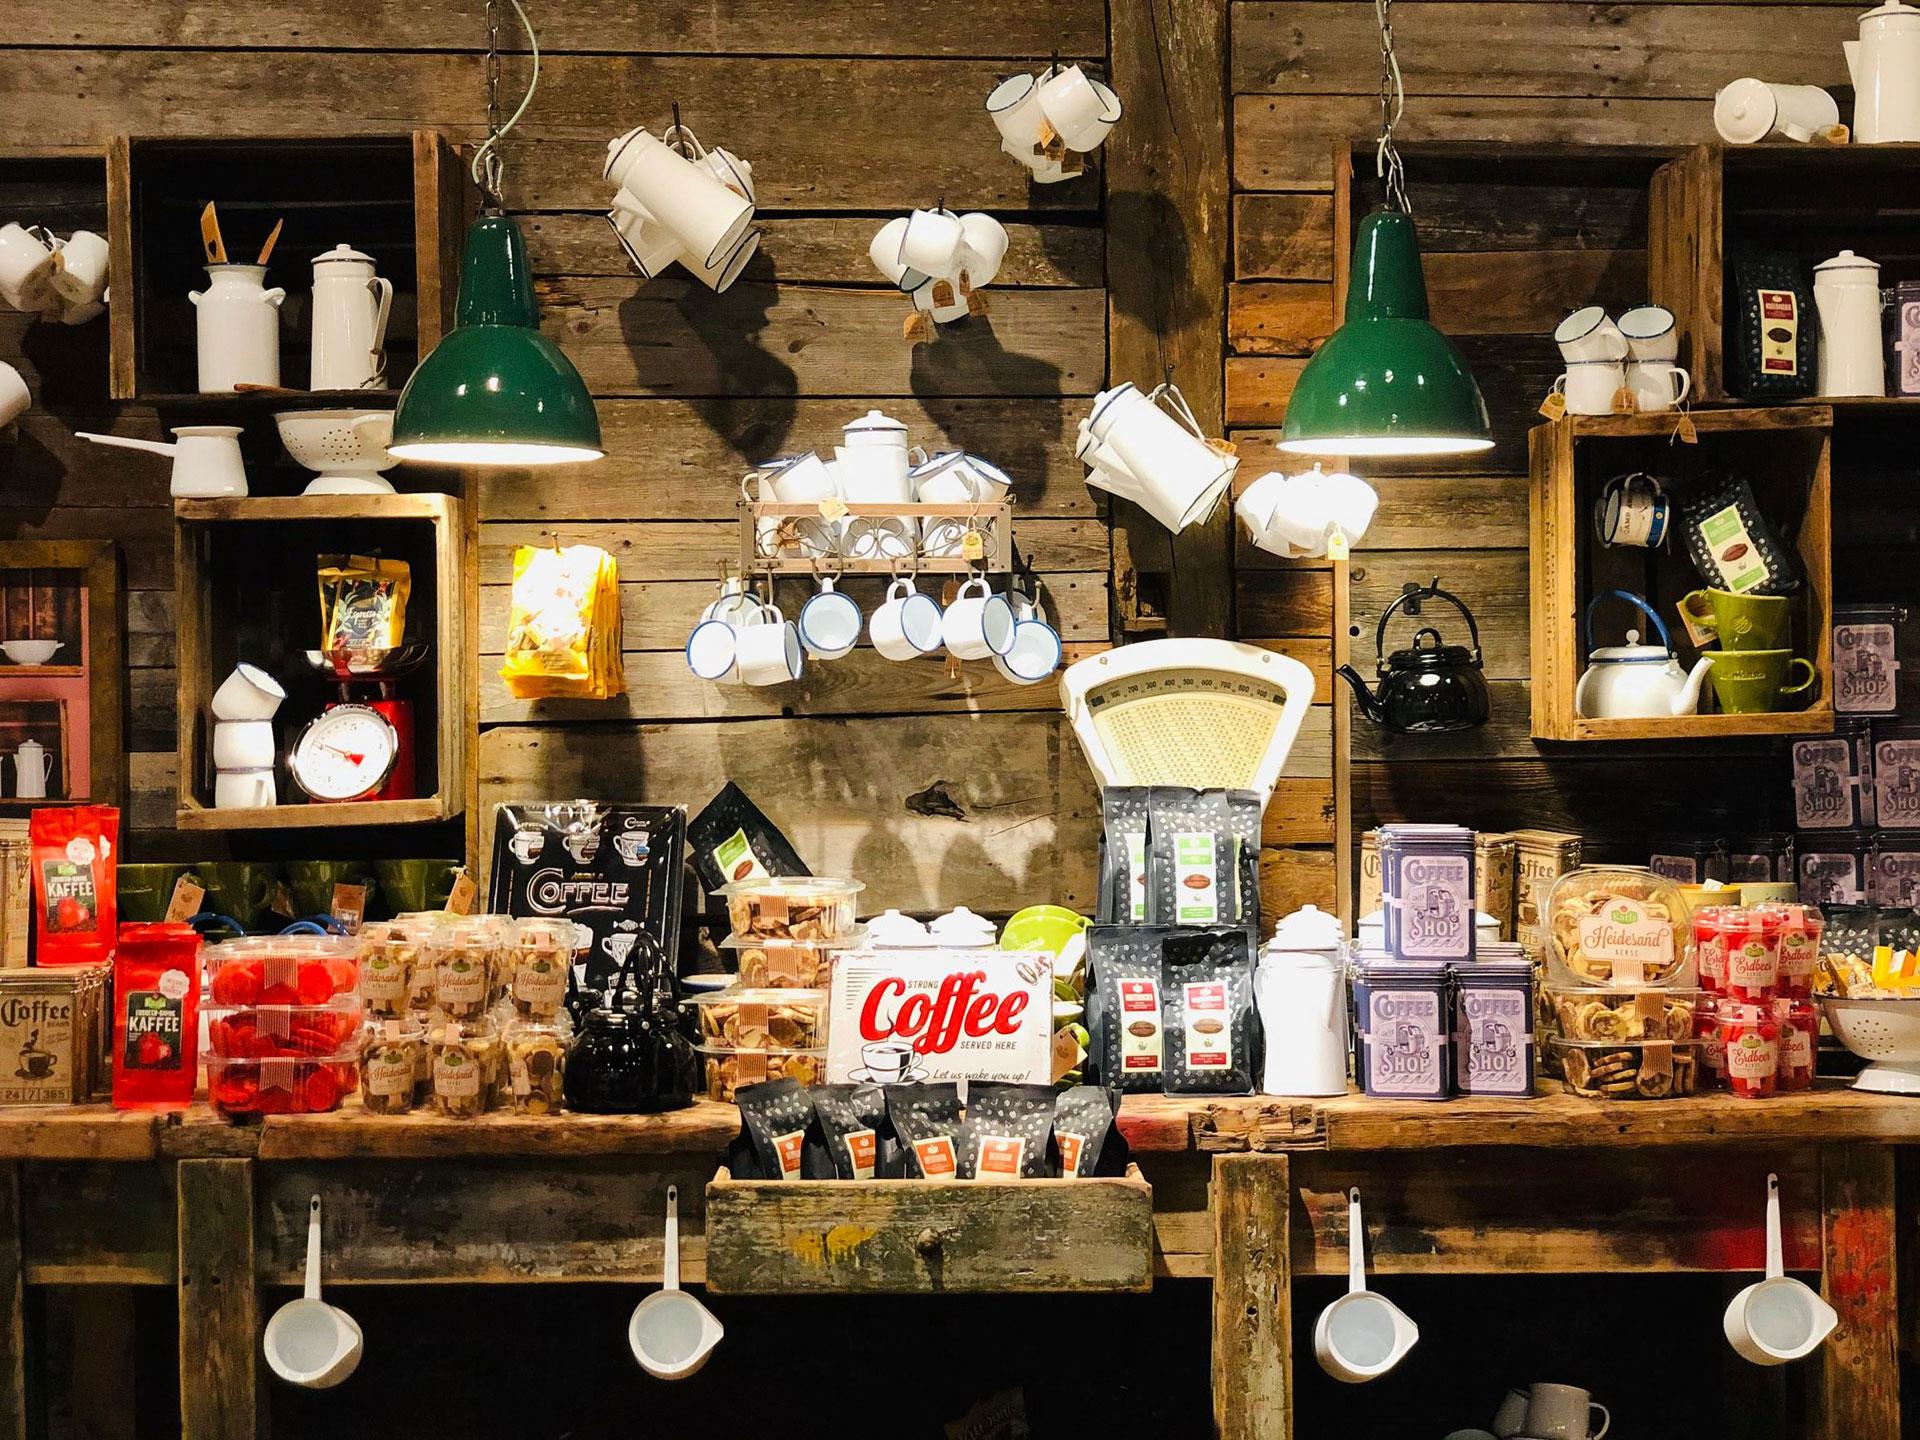 Einkaufen Bauernmarkt Emaille Shop